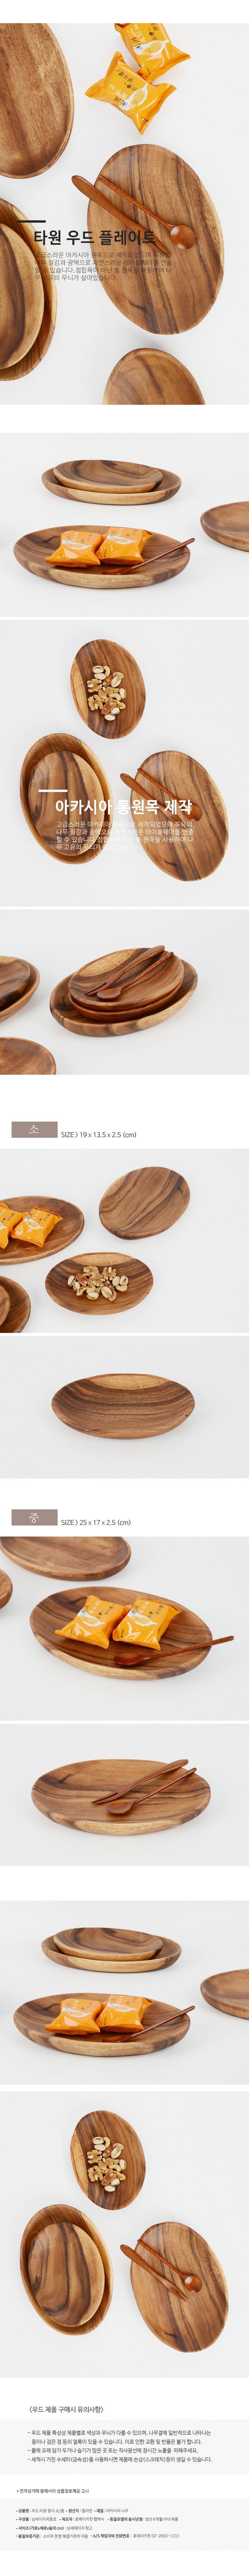 아카시아 원목 타원 우드 접시 소 - 로메이키친A, 4,700원, 접시/찬기, 접시